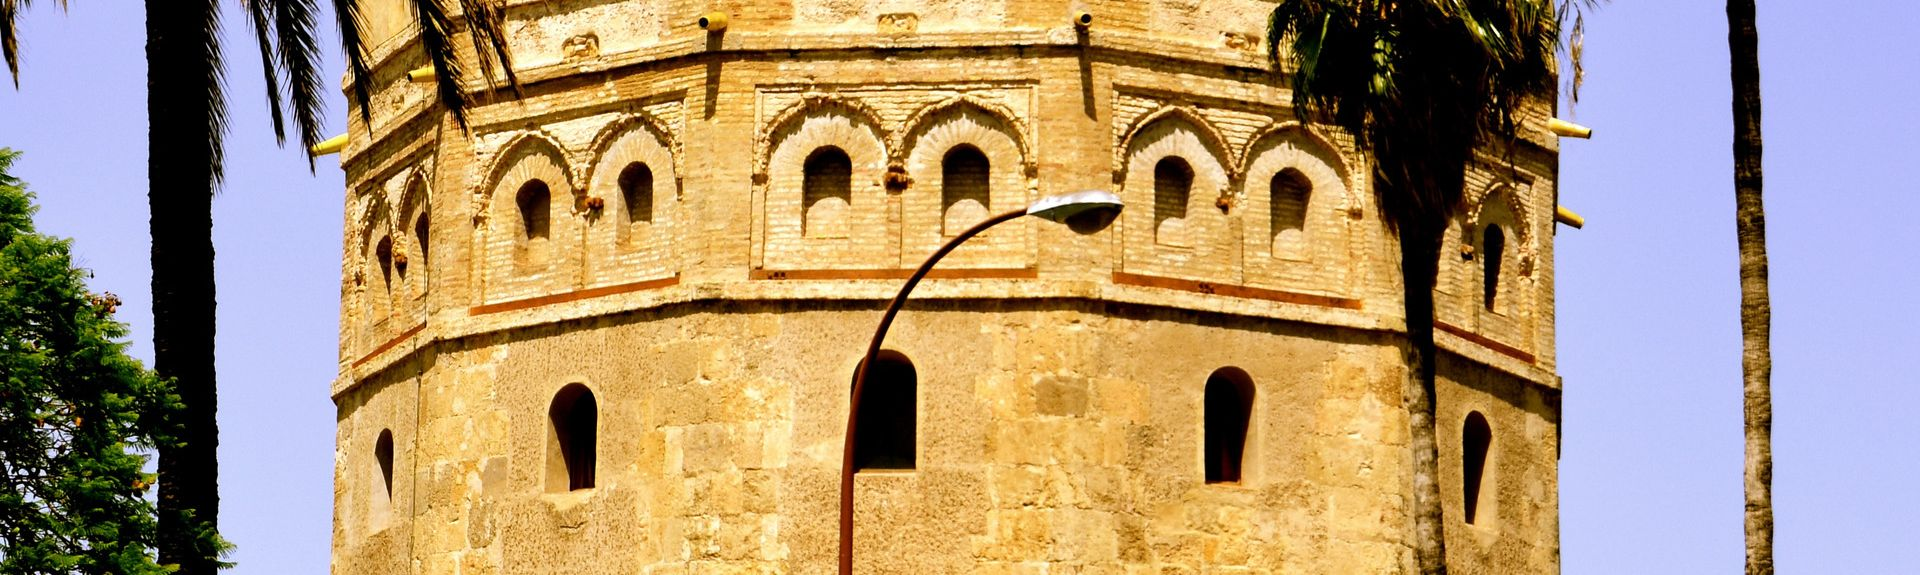 Santa Cruz Church, Seville, Spain